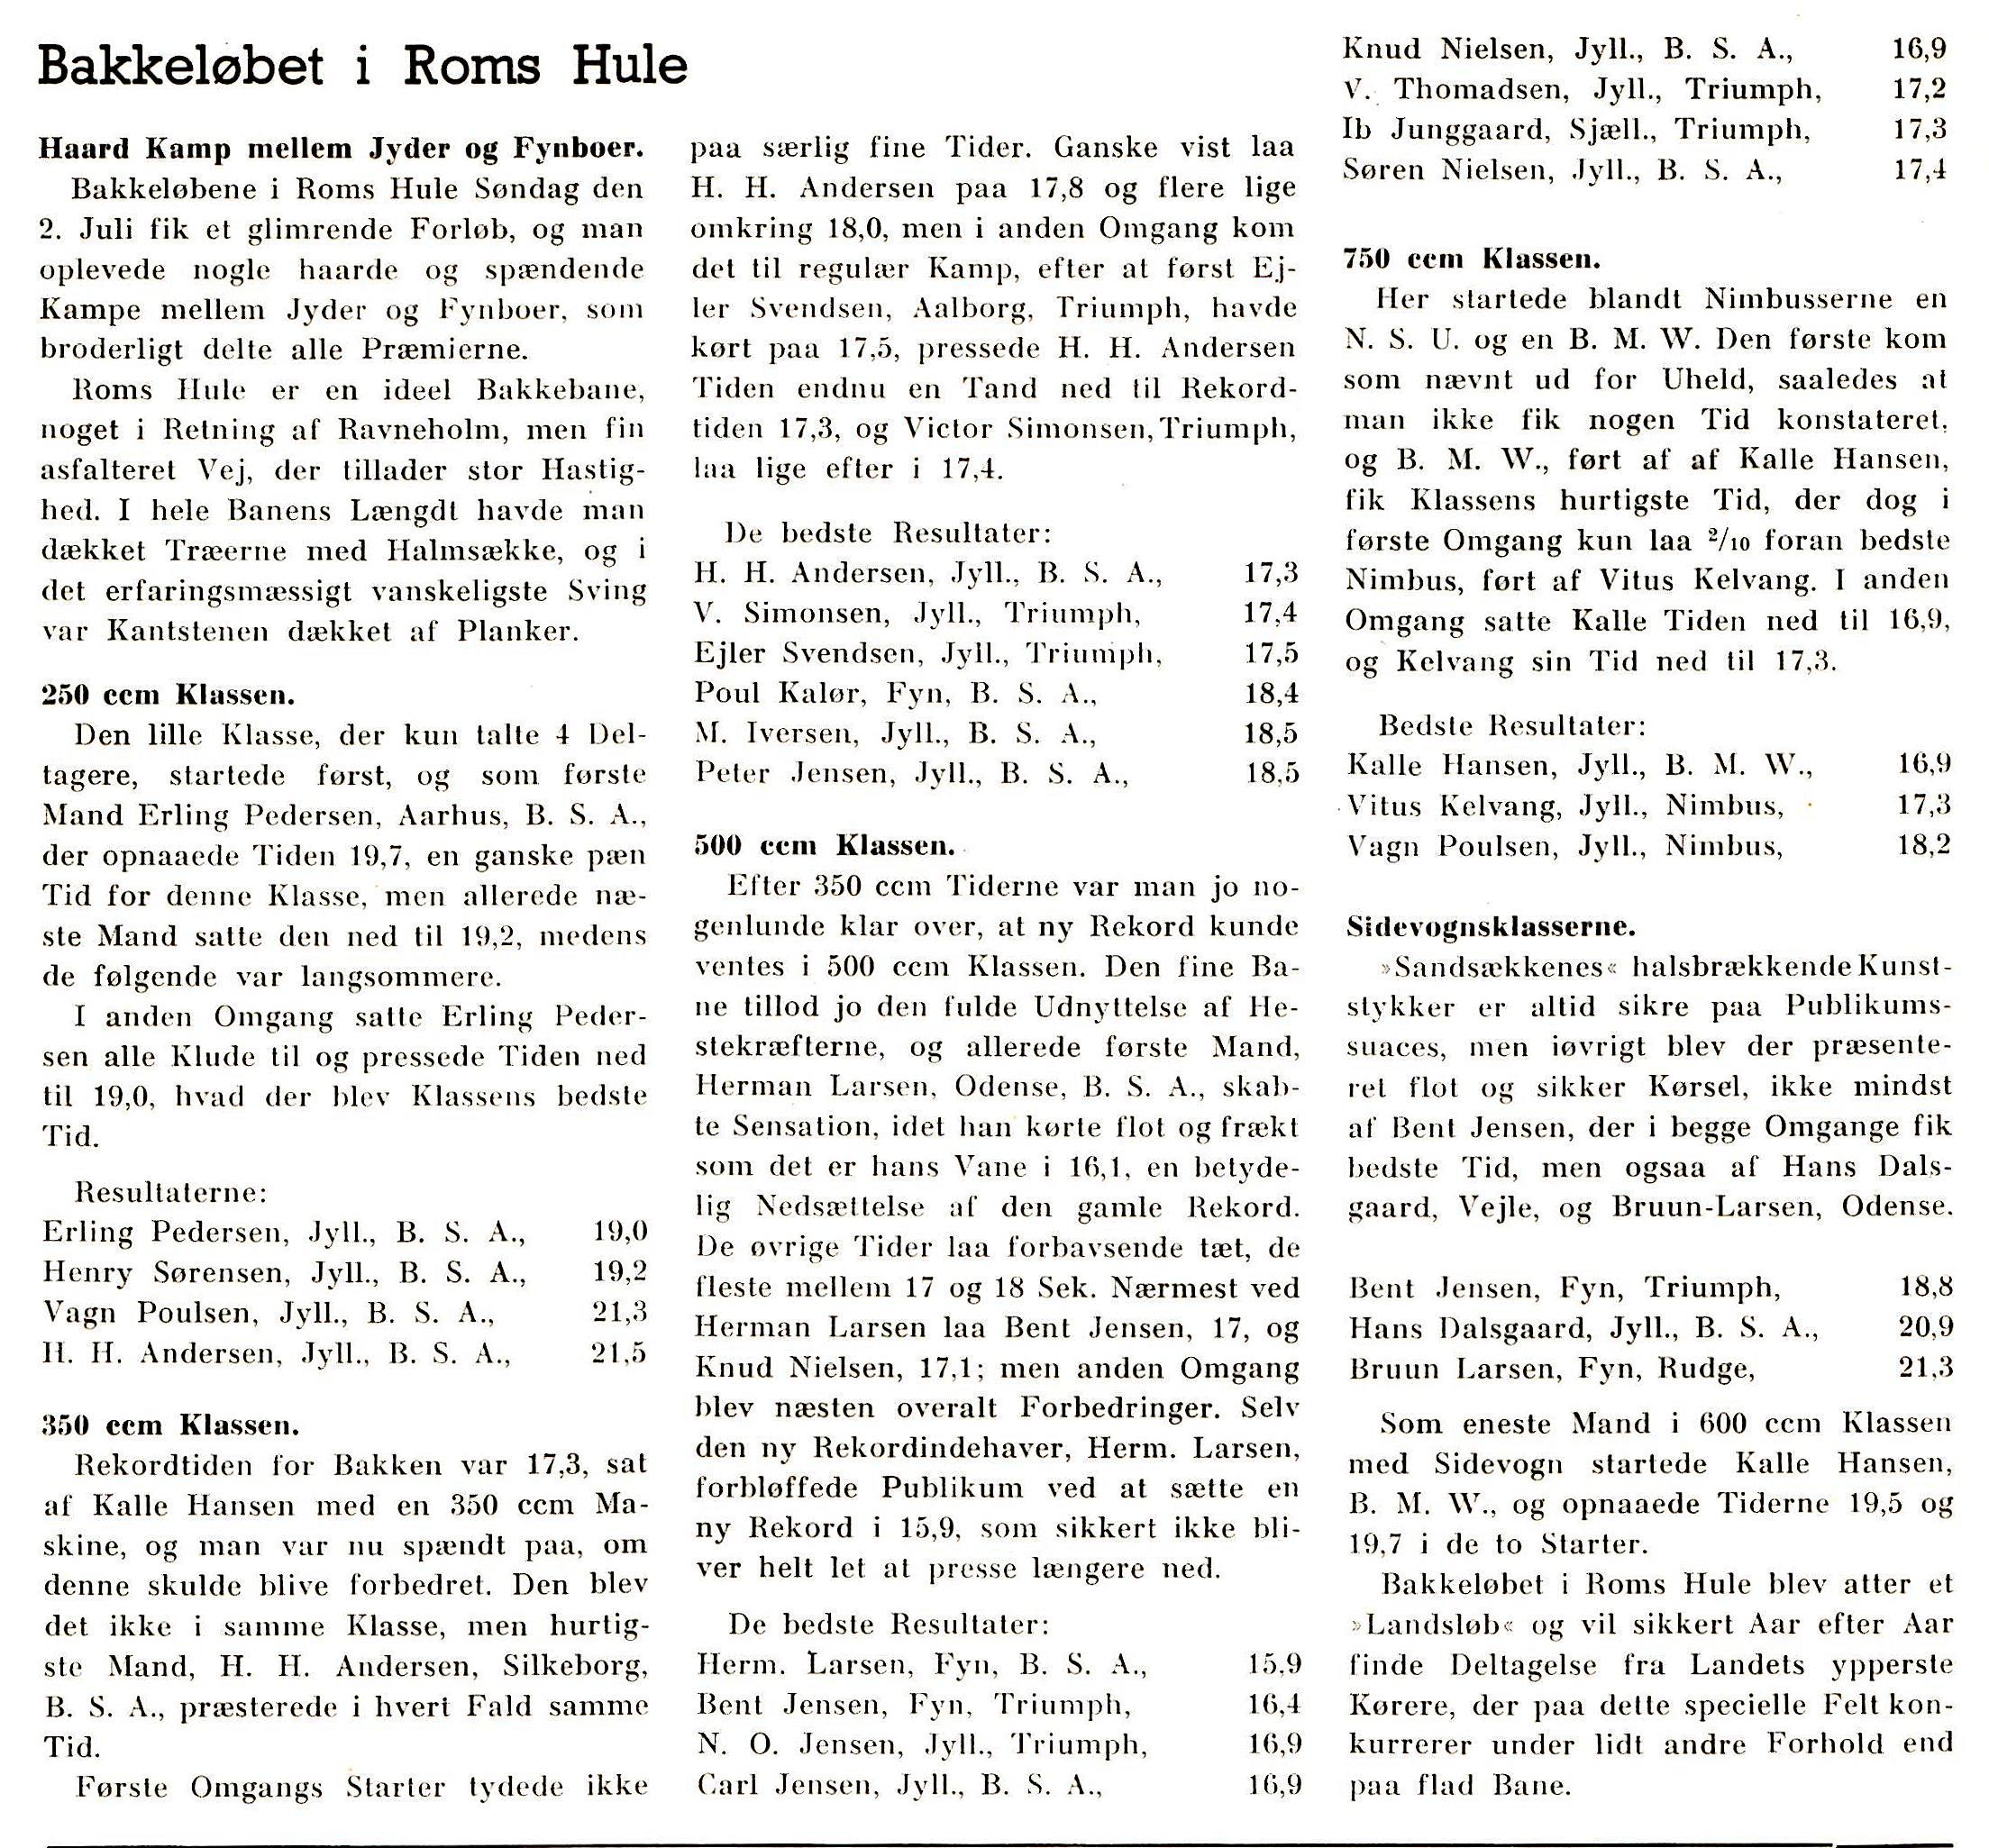 DMU bladets artikel fra dette løb. juli 39.